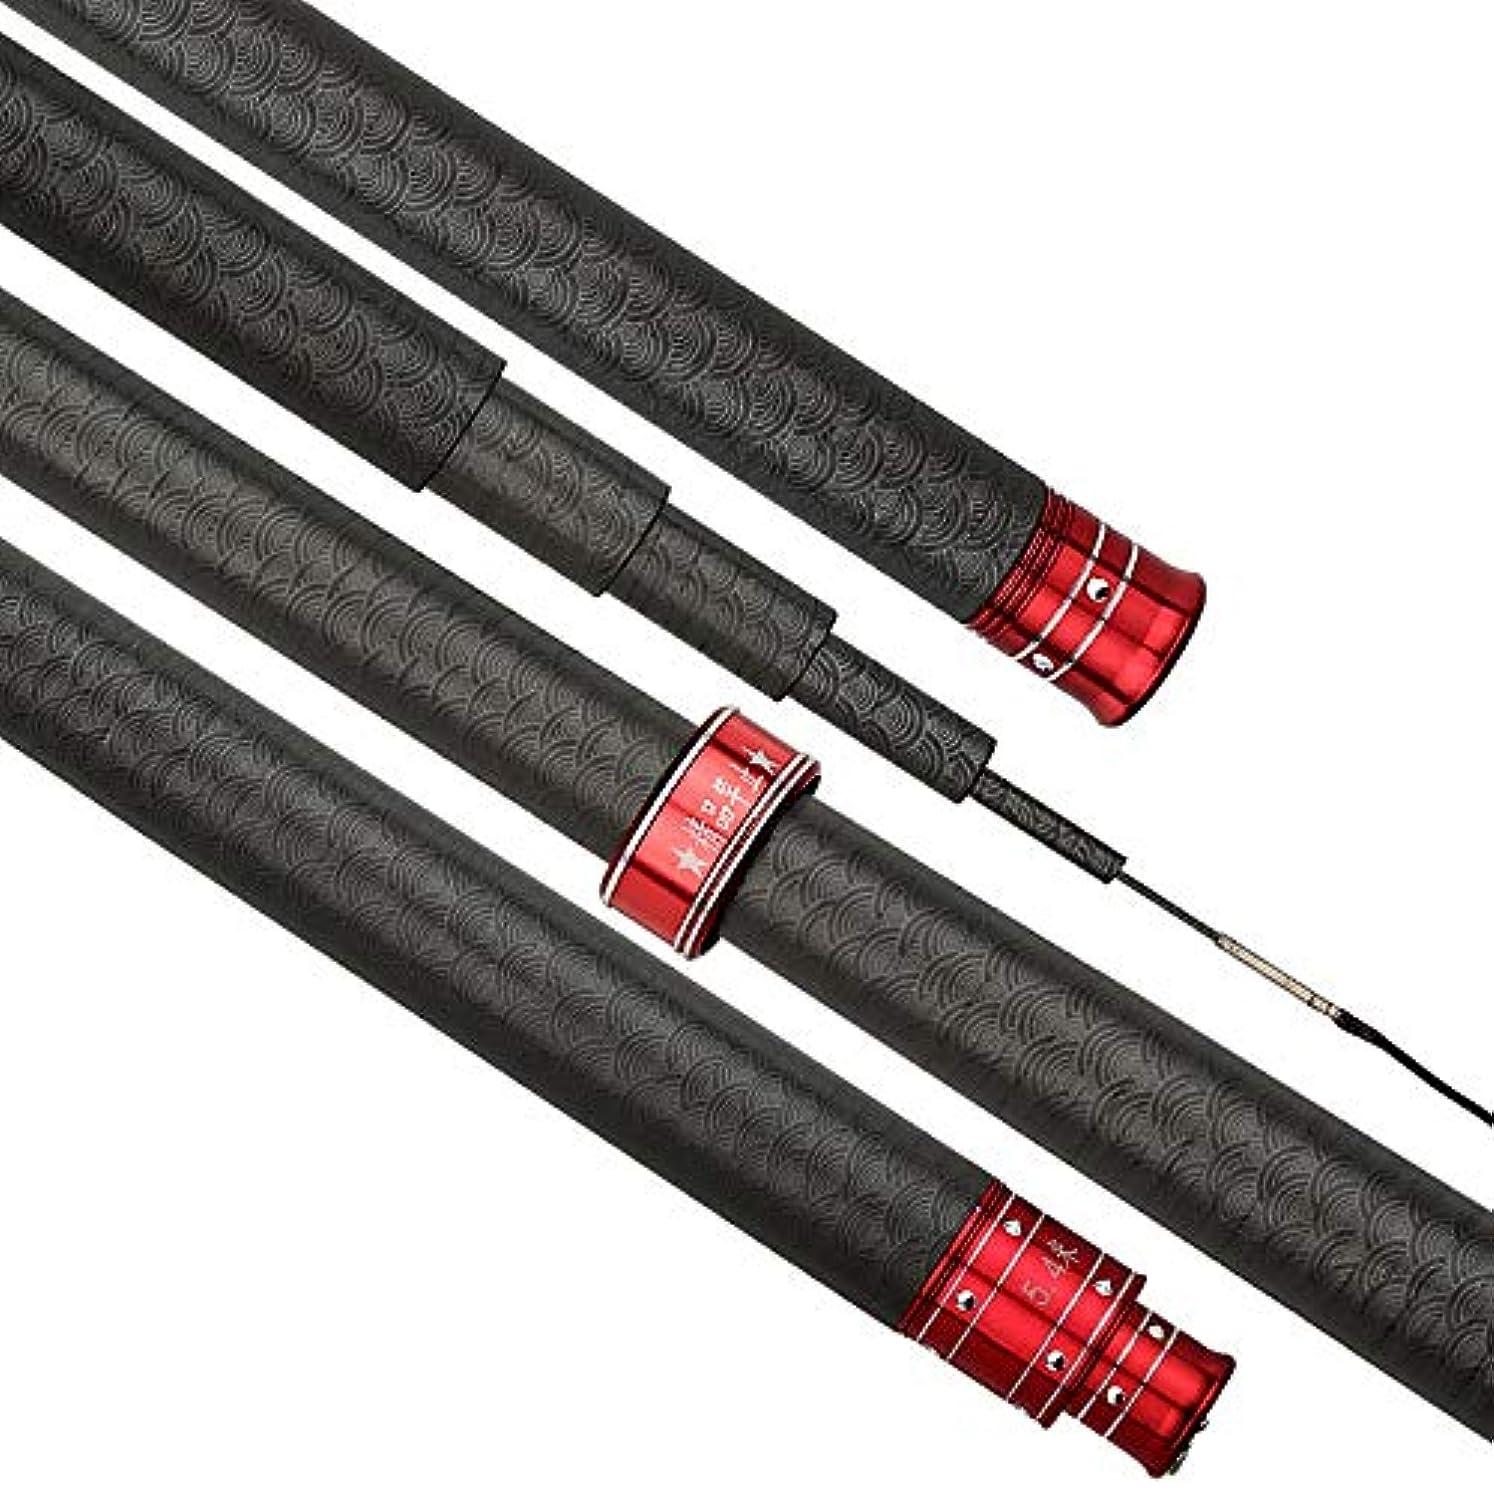 調整するコショウジーンズHYBJP 釣り竿 釣りロッド 初心者 釣り 軽量 伸縮可能 高級 フィッシングロッド 操作簡単 釣り具 アウトドア (Color : ブラック, Size : 4.5)